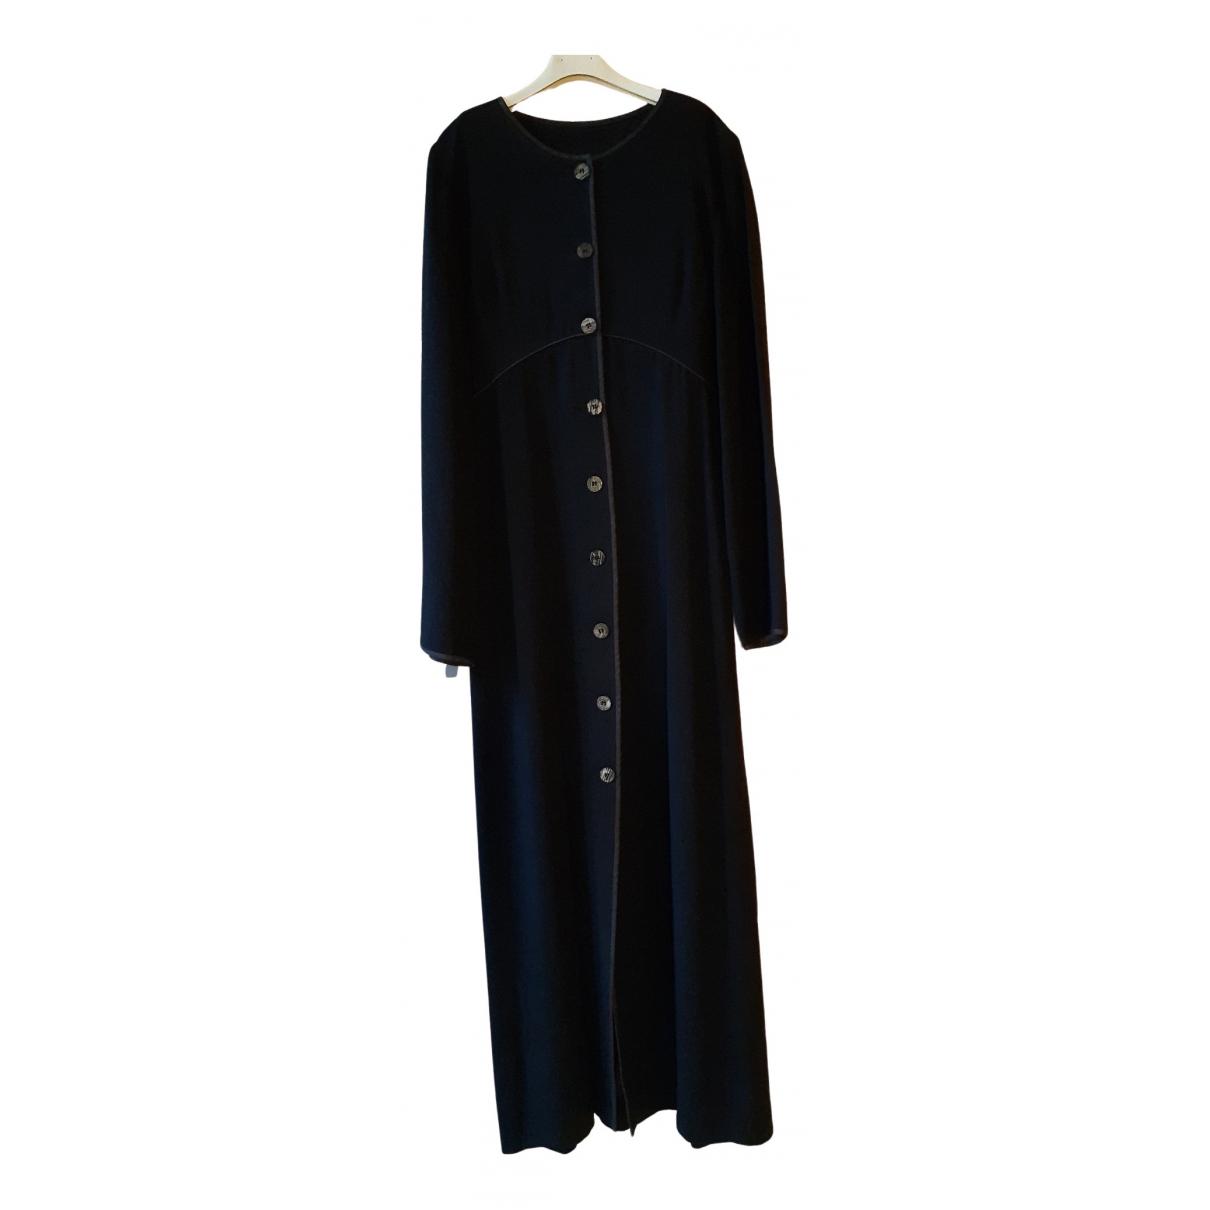 Plein Sud \N Kleid in  Schwarz Wolle